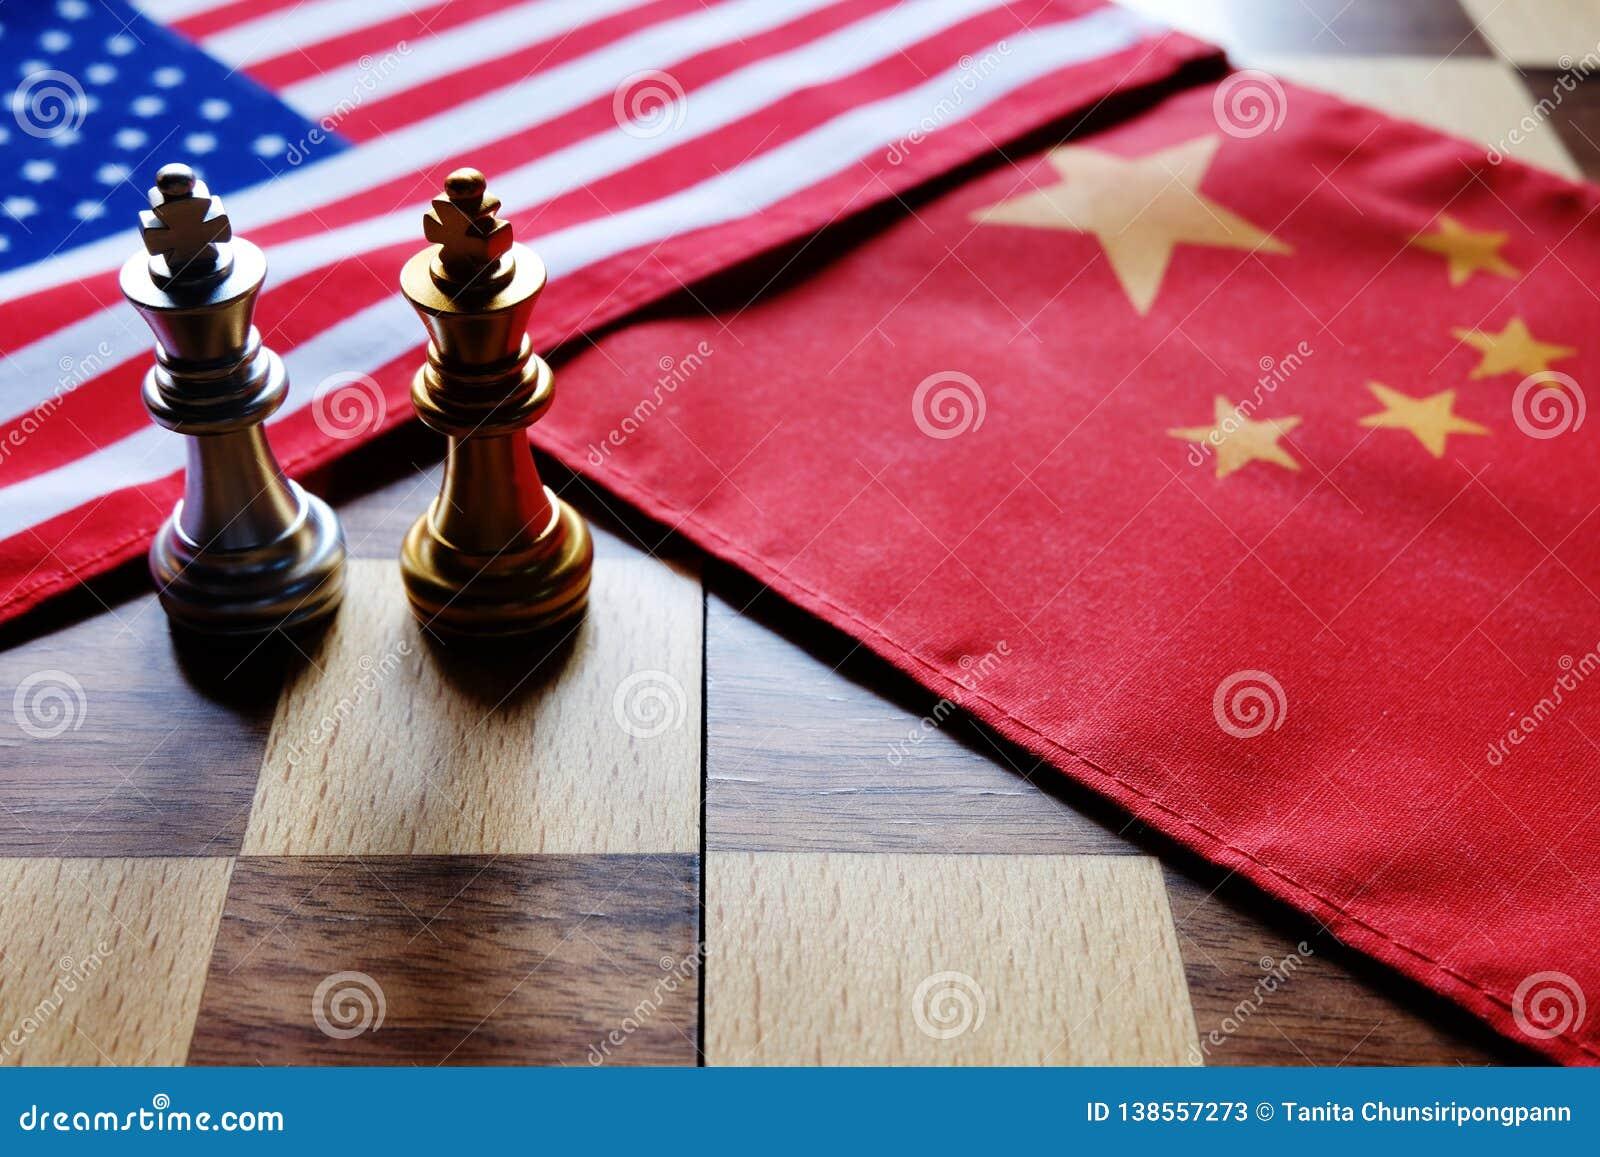 För bakgrund eller rengöringsduk Två konungar vänder mot - - framsidan på kinesiska och amerikanska nationsflaggor Handla kriget